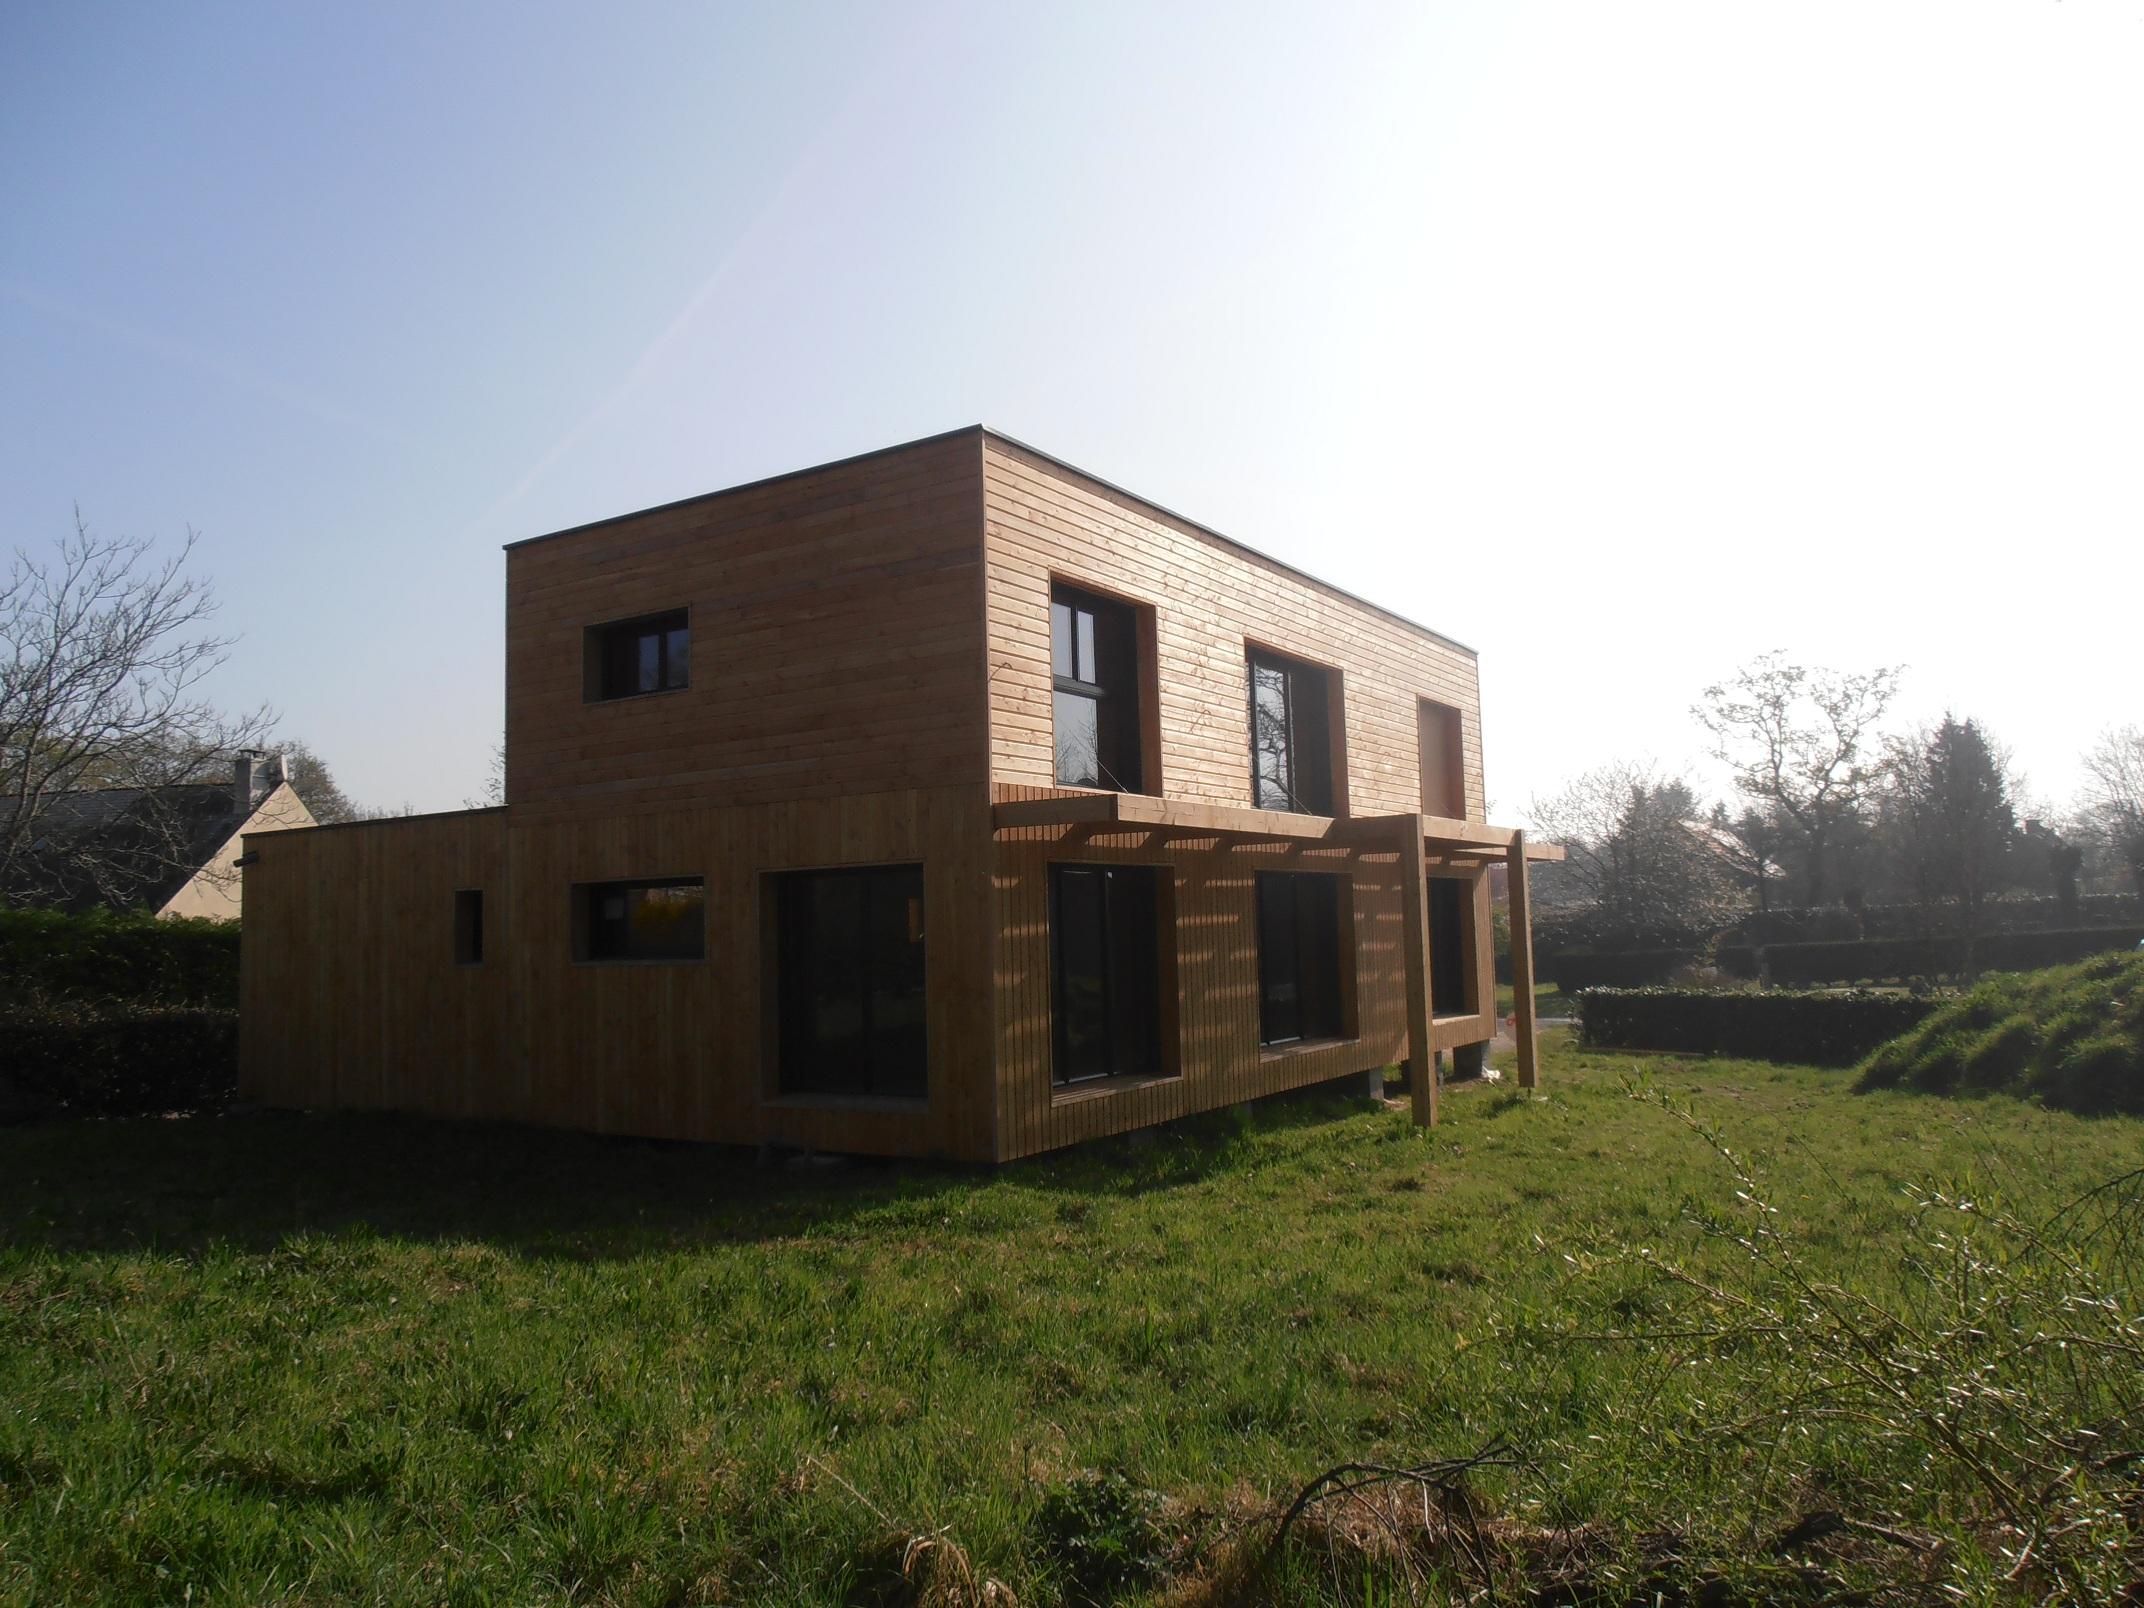 Maison Bois Vente ~ Catodon com Obtenez des idées de design intéressantes en utilisant du bois  # Vente Maison En Bois